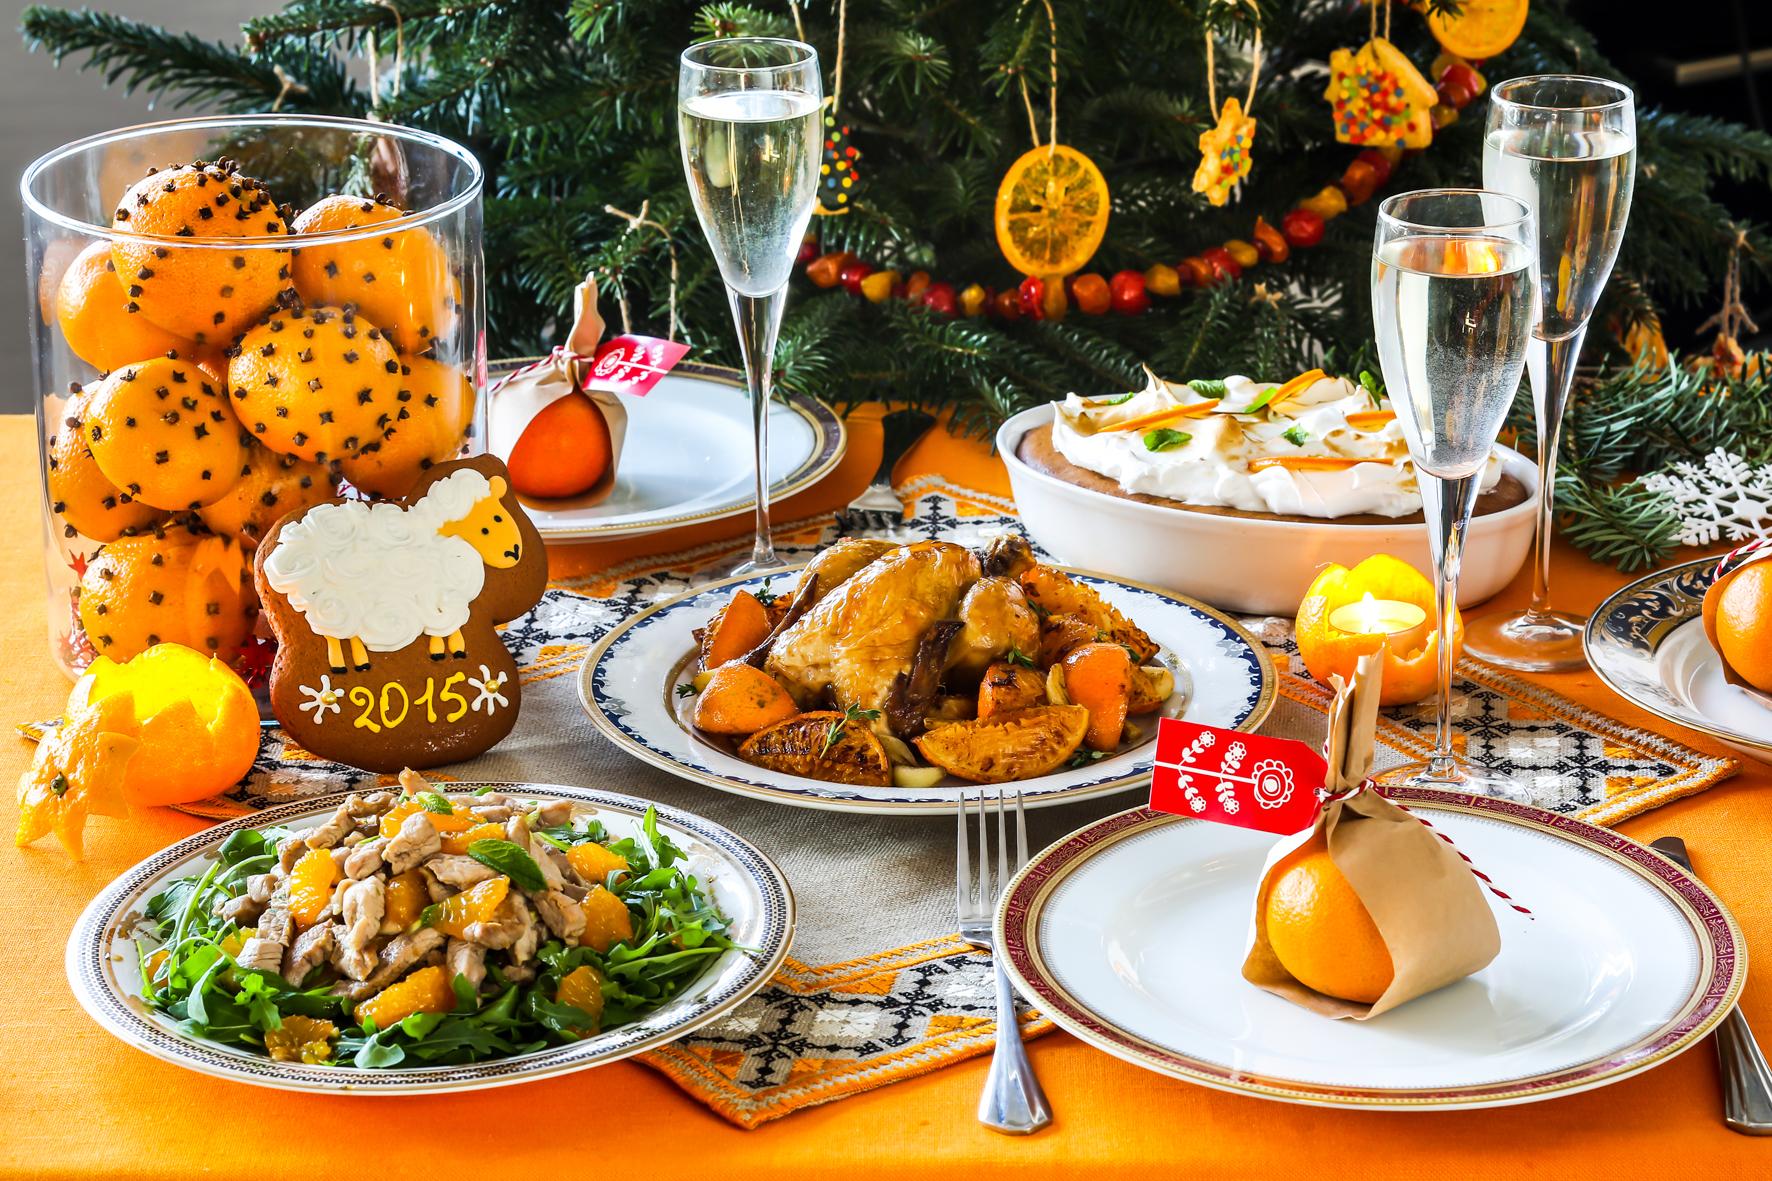 Новогодний стол  2018 года что должно быть на столе рецепты